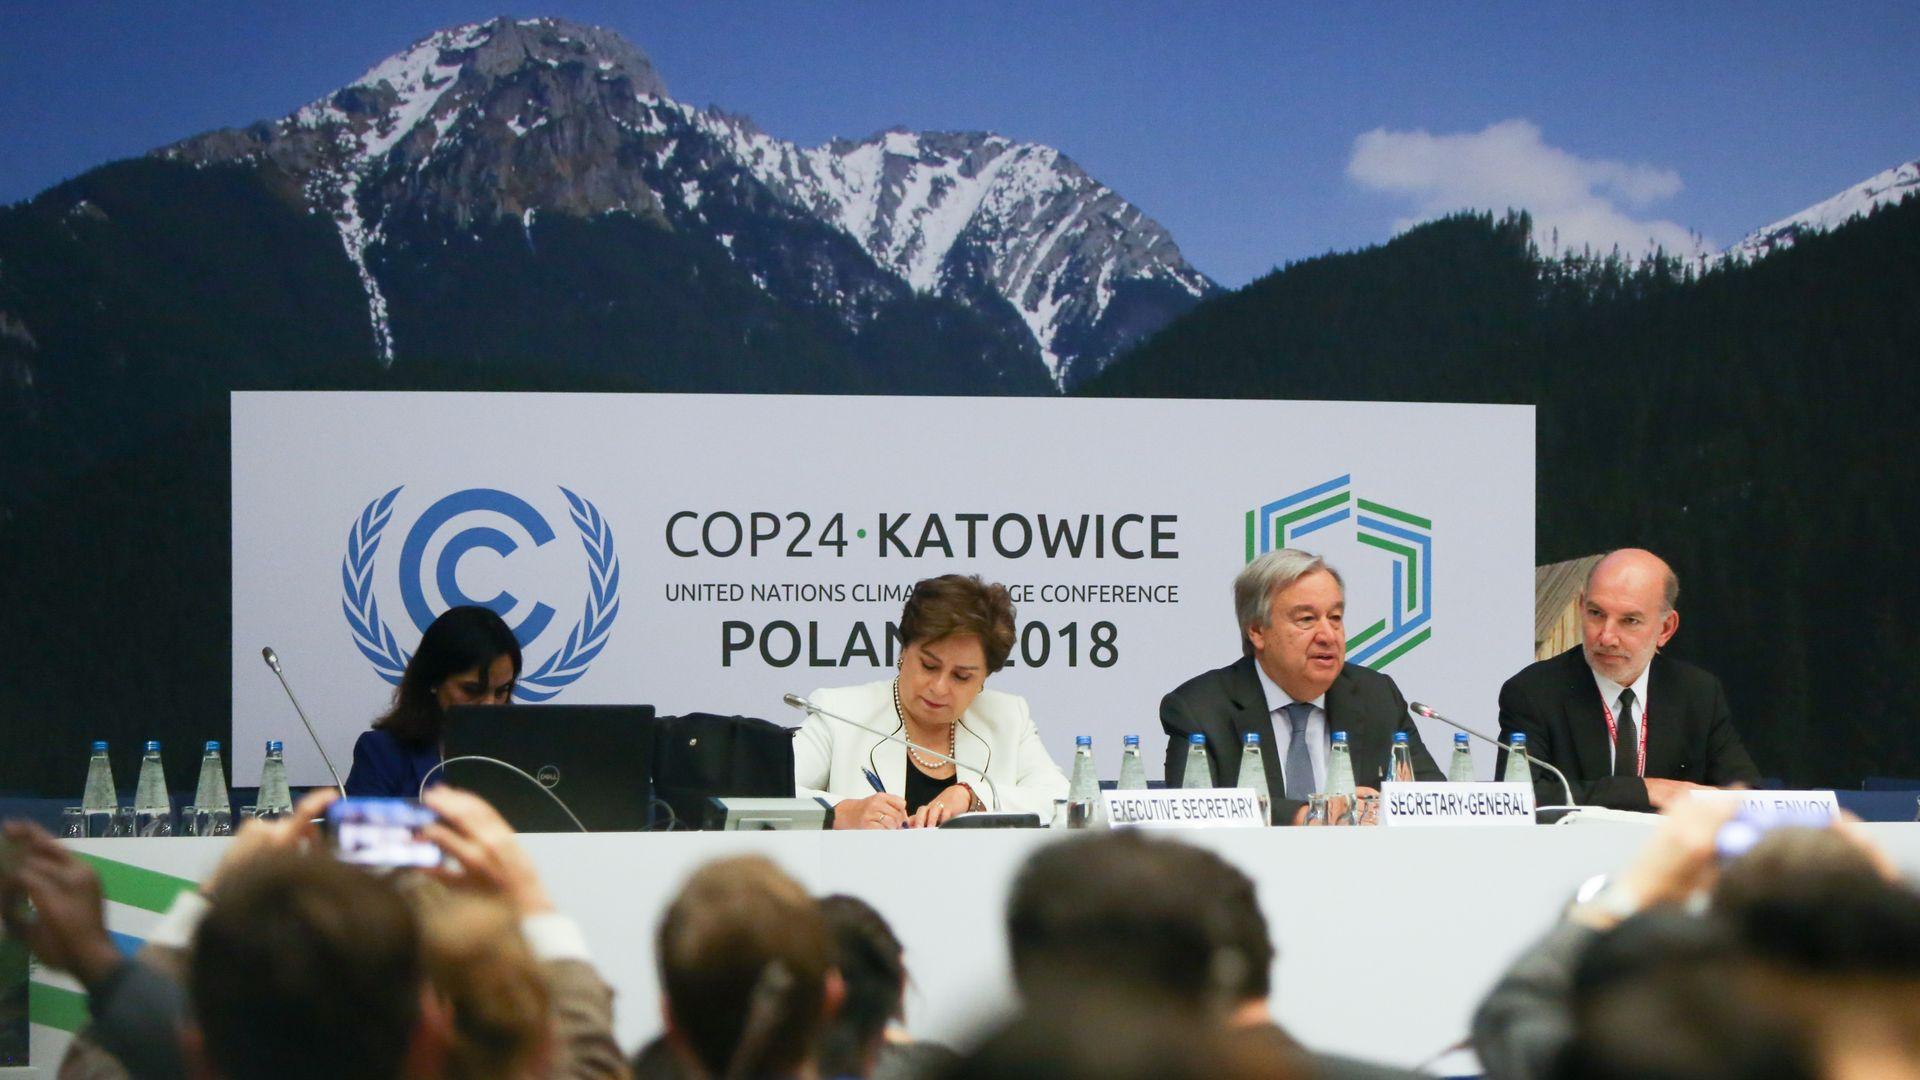 Antonio Guterres, Patricia Espinosa and Luis Alfonso de Alba at COP 24 in  Katowice, Poland on 14 December, 2018.